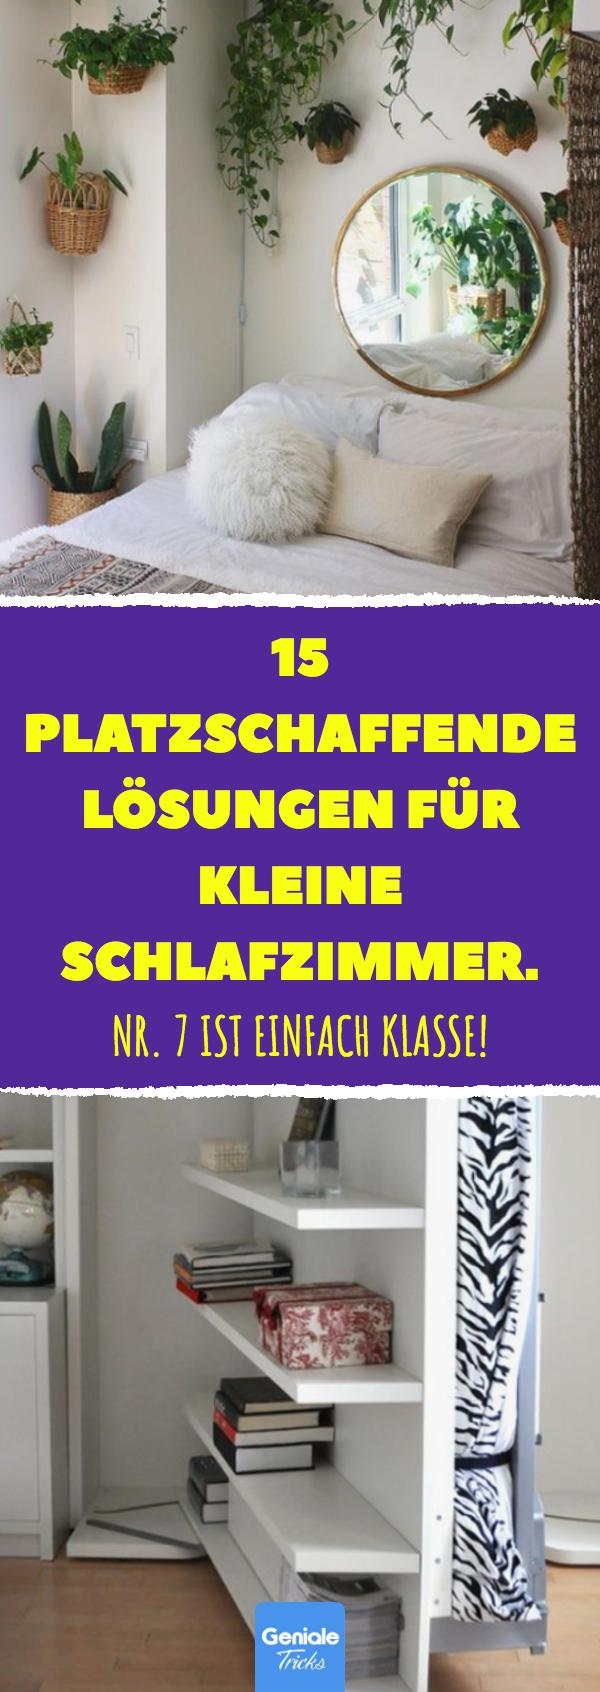 Photo of 15 platzschaffende Lösungen für små Schlafzimmer.